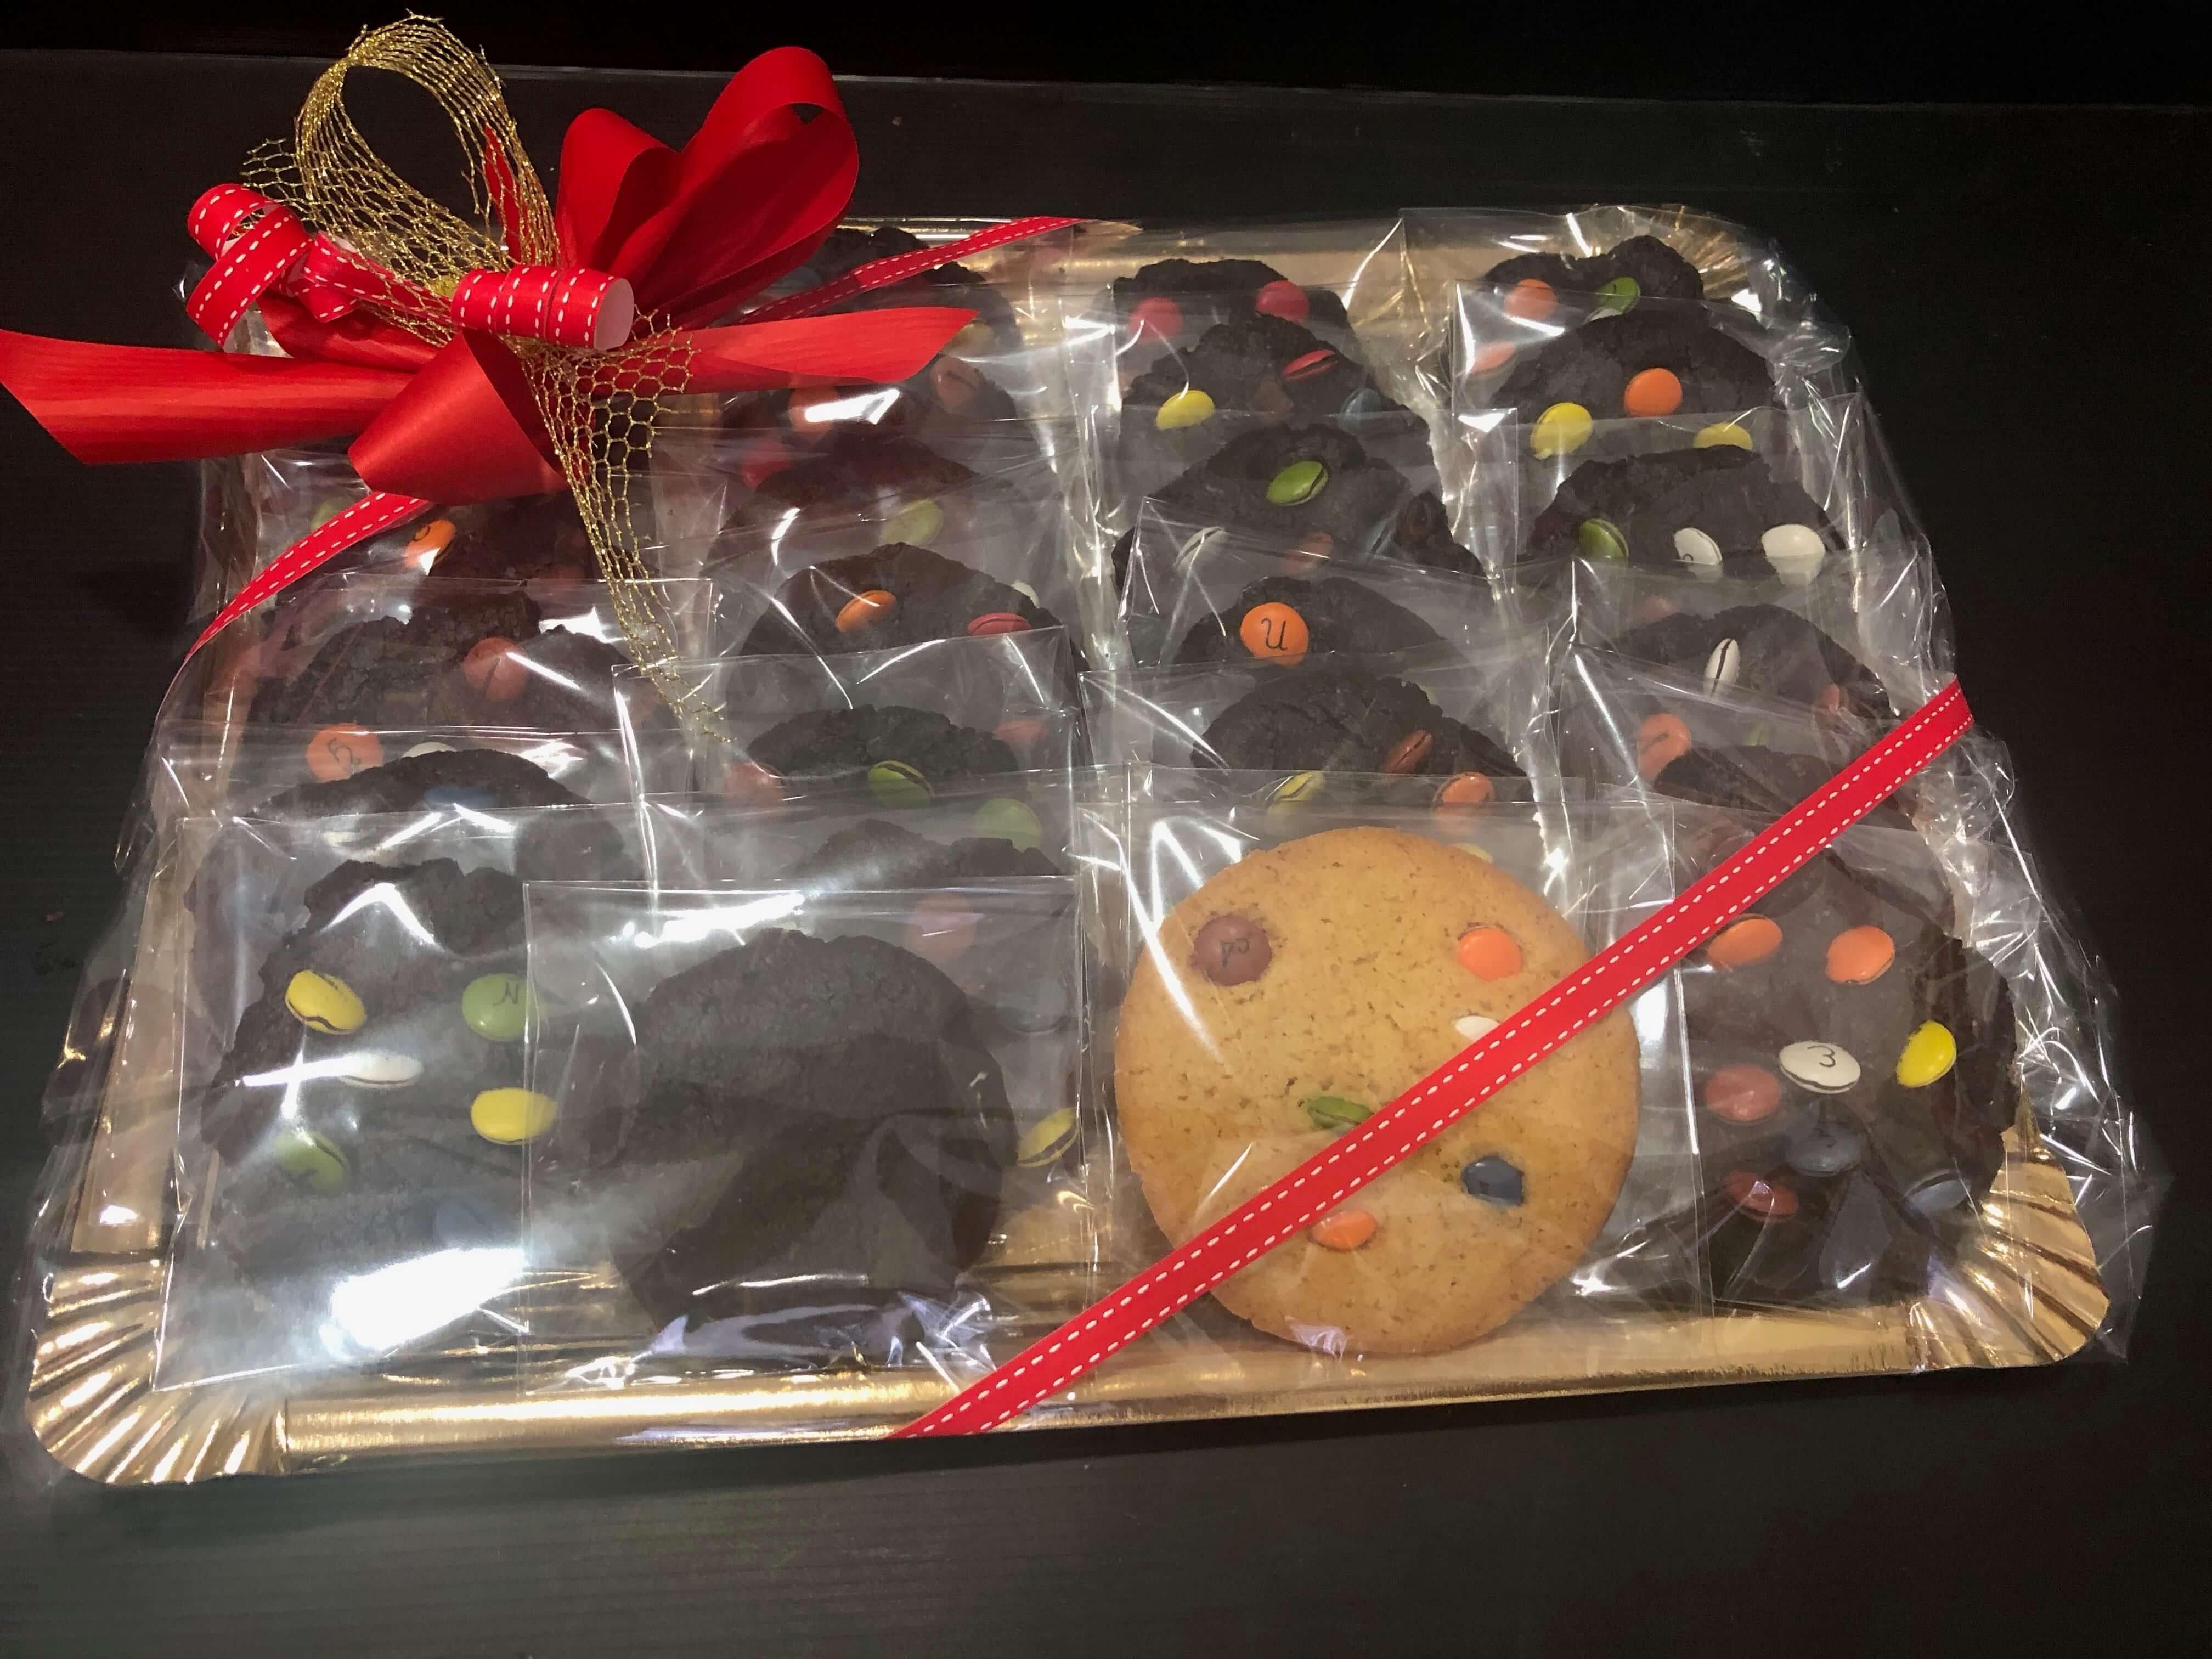 Cesta Bandejas cookies coruña